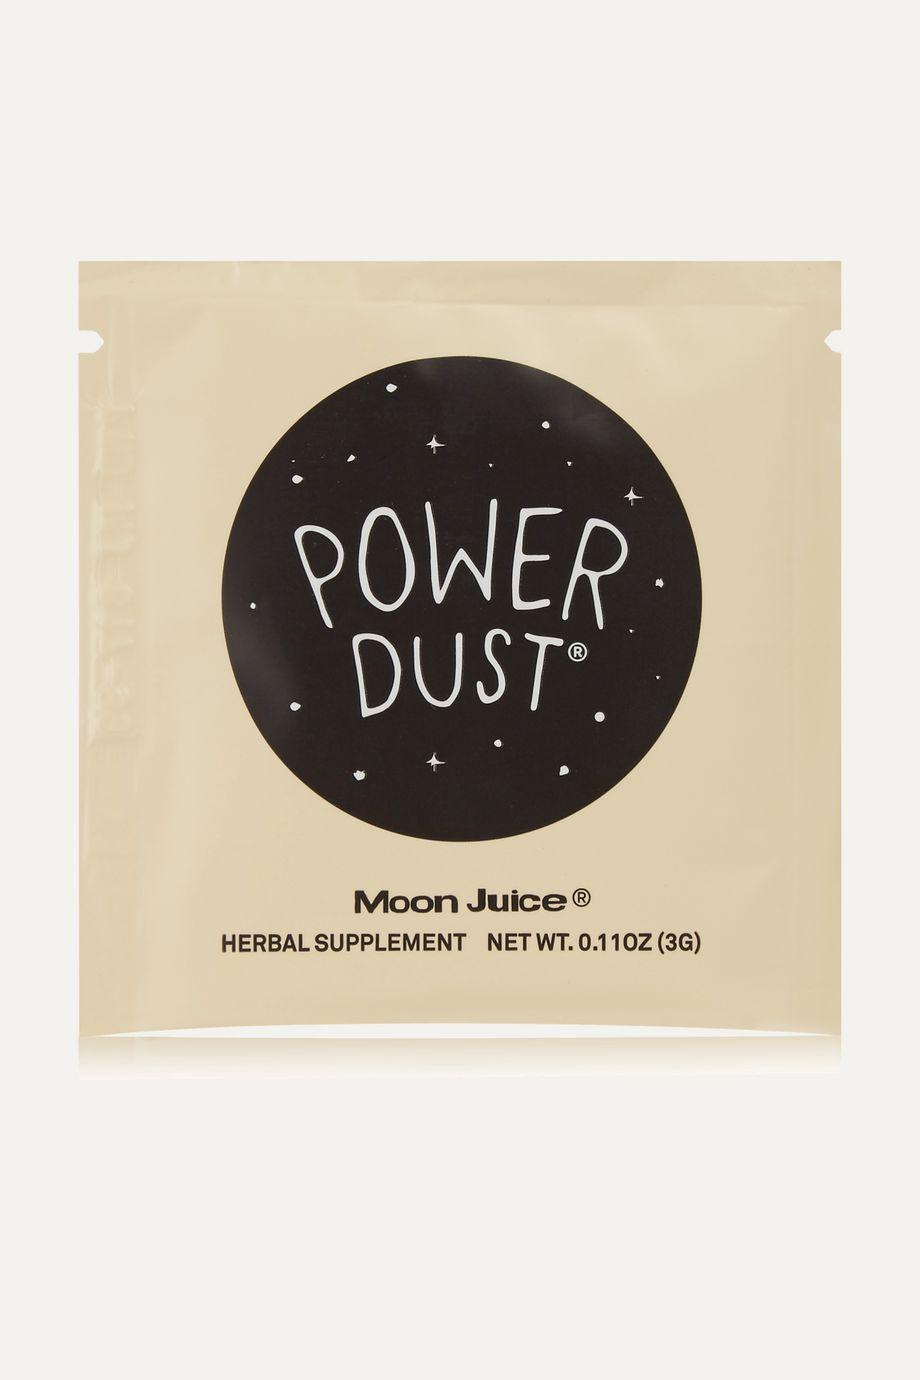 Moon Juice Power Dust Sachet Sampler Box - 12 Days